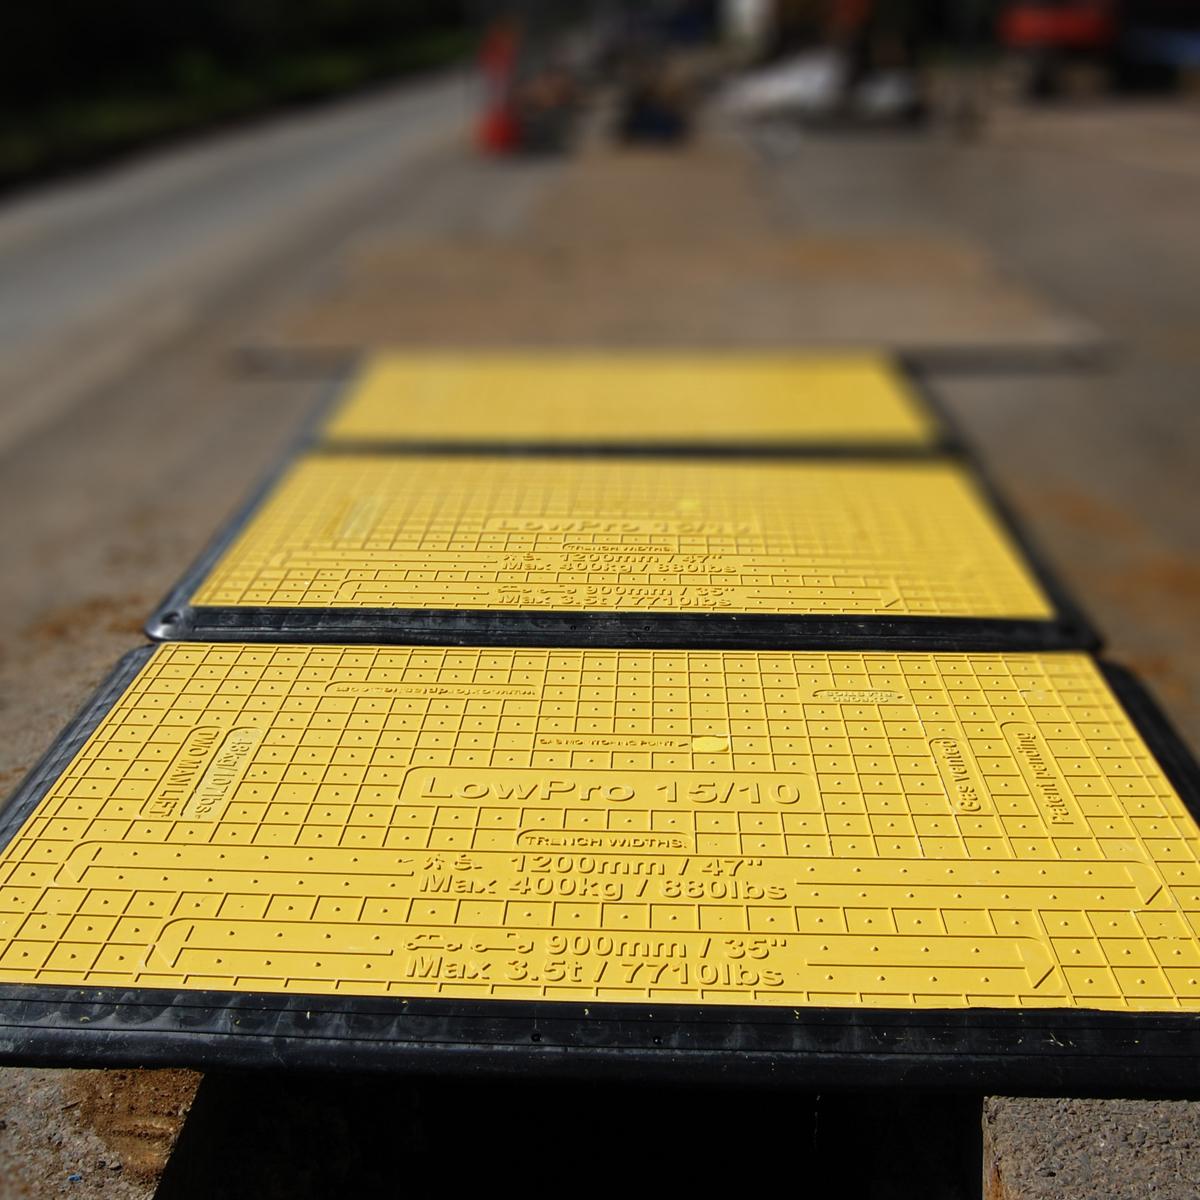 LowPro 15/10 Driveway Board